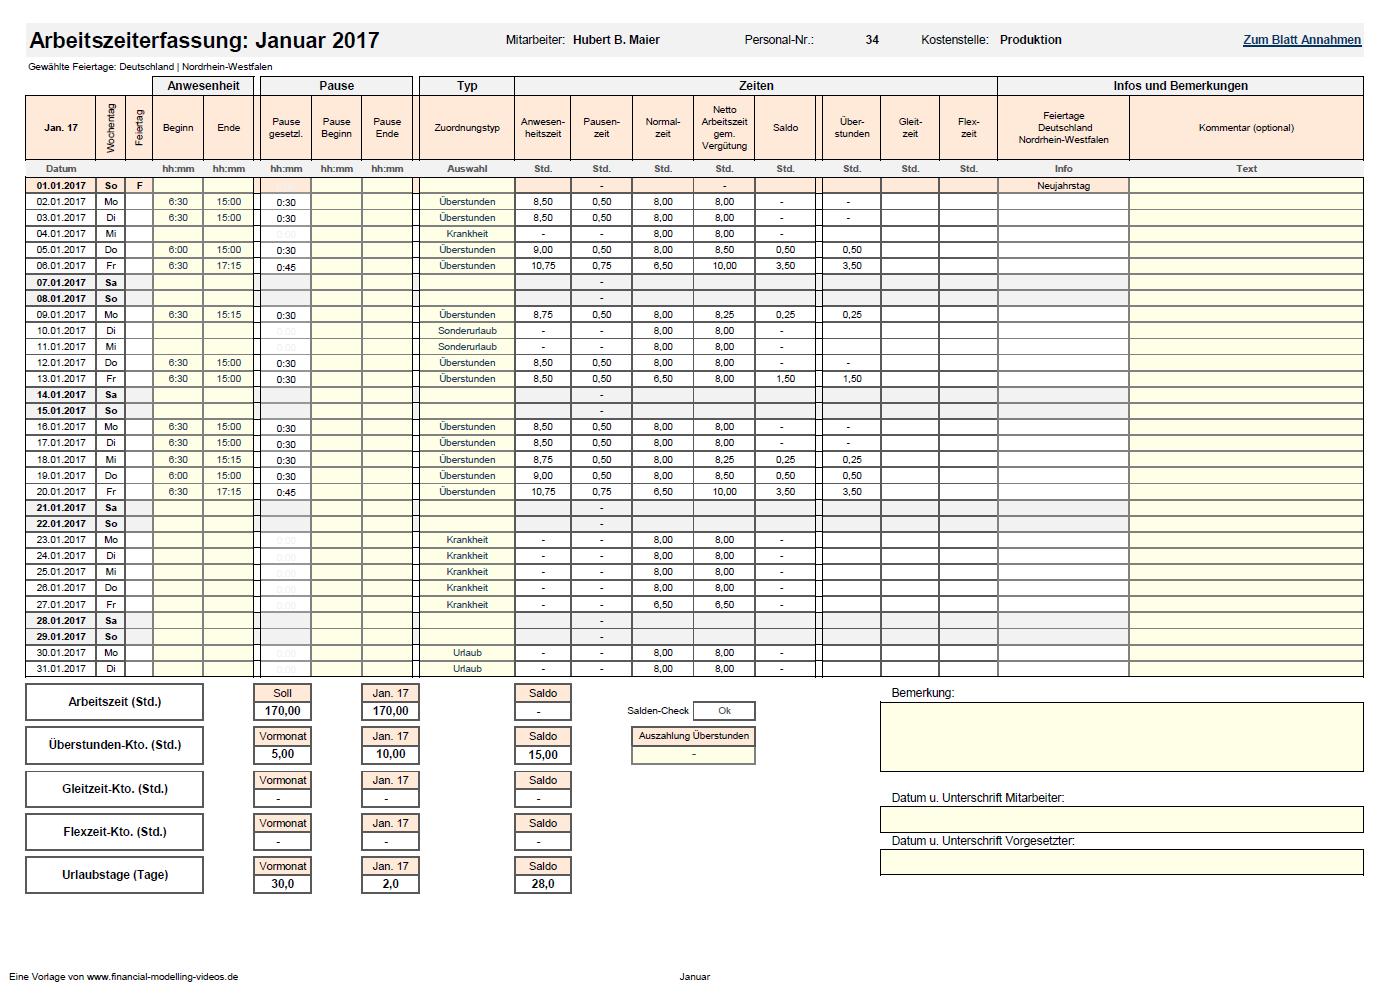 Arbeitszeiterfassung Tätigkeitsnachweis